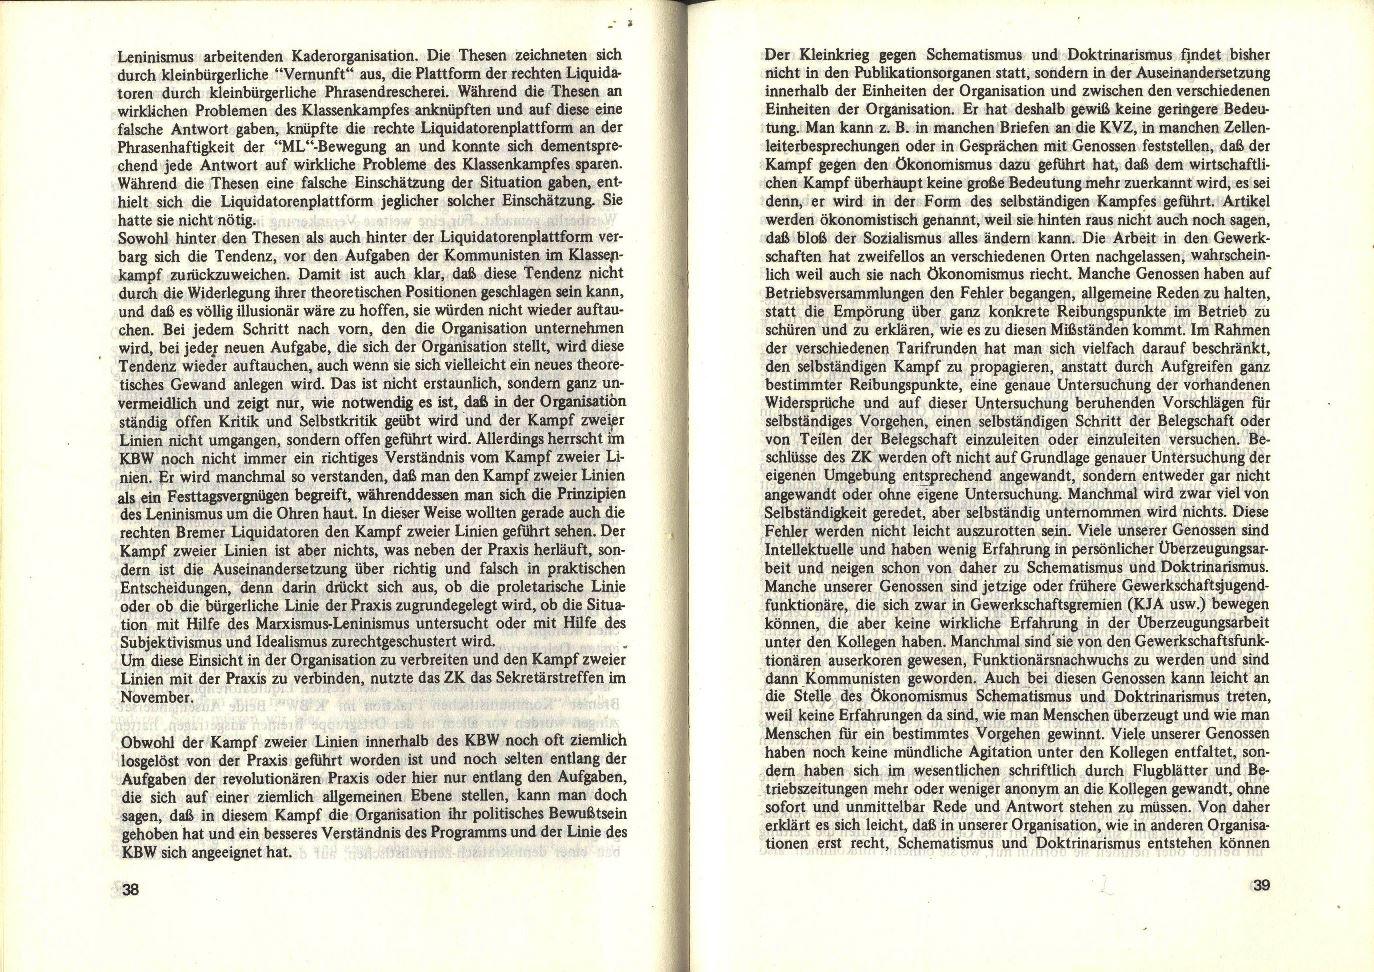 KBW_1974_Politischer_Bericht021